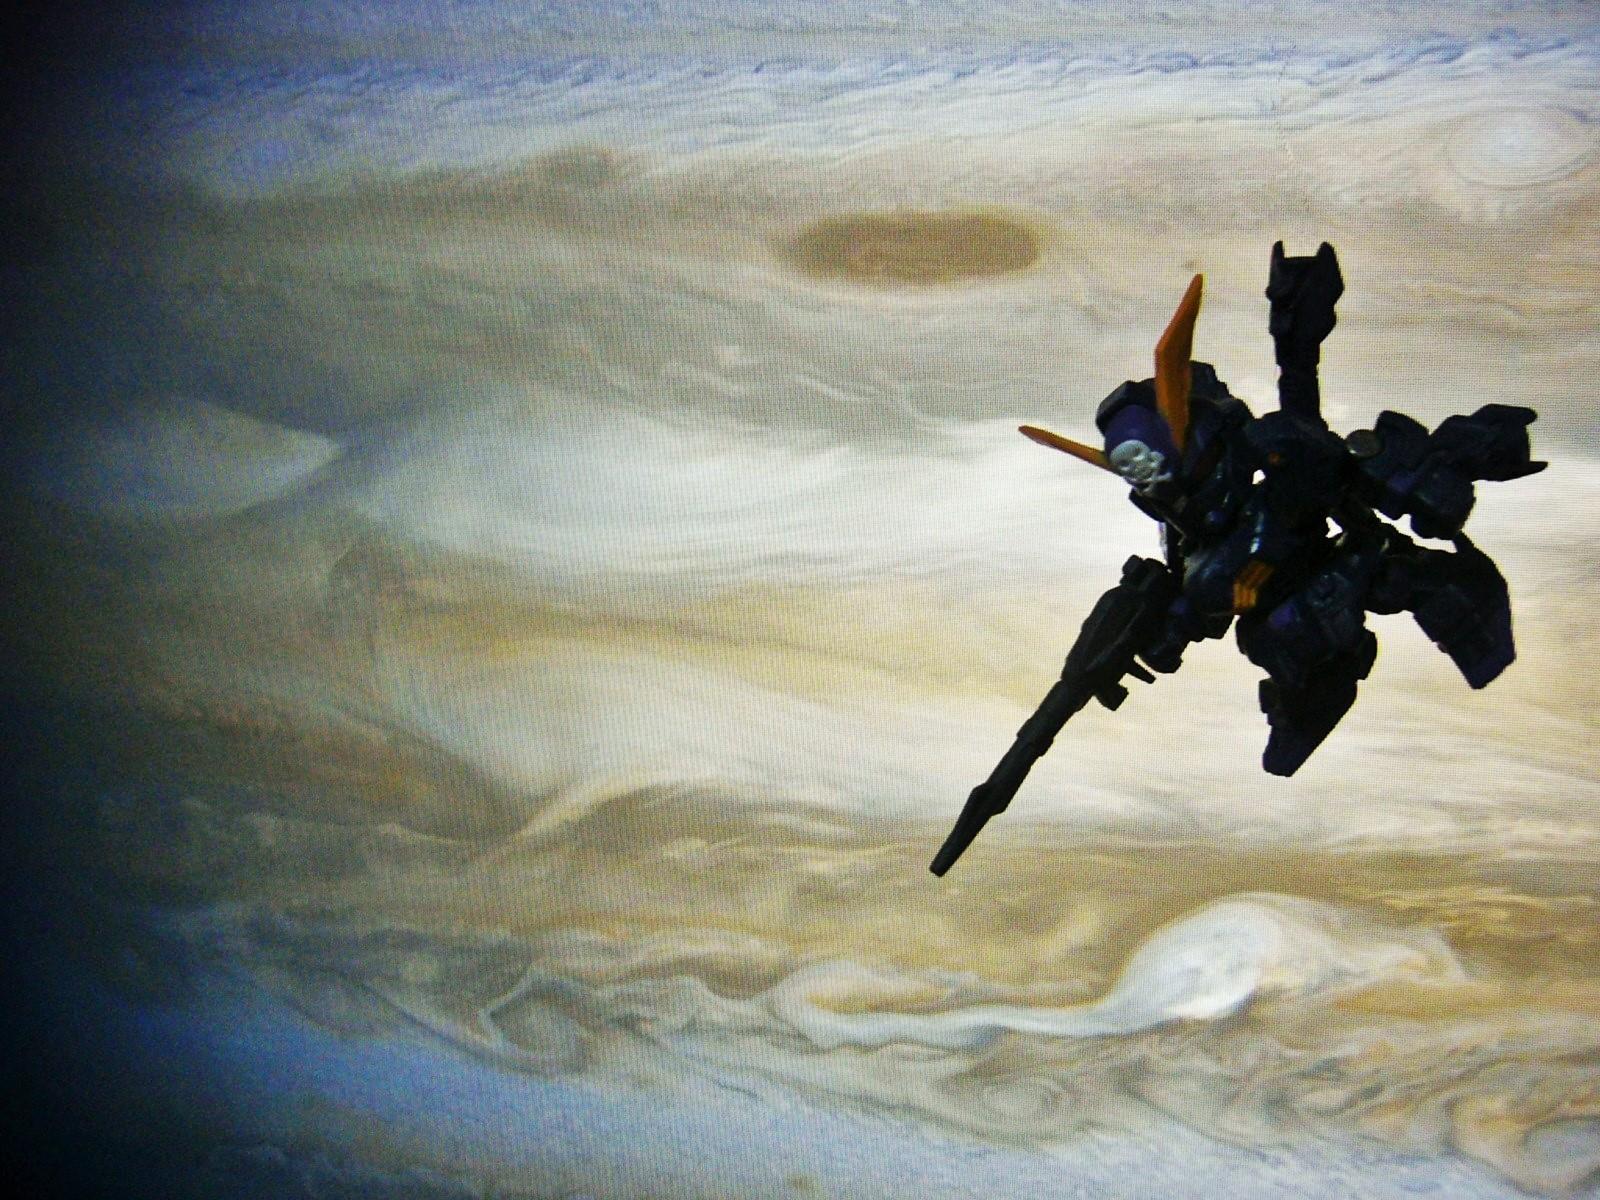 ガンダム ジオラマ PC画面を背景に リアル ビームサーベル ディスティニー ガシャポン戦士DASH NEXT